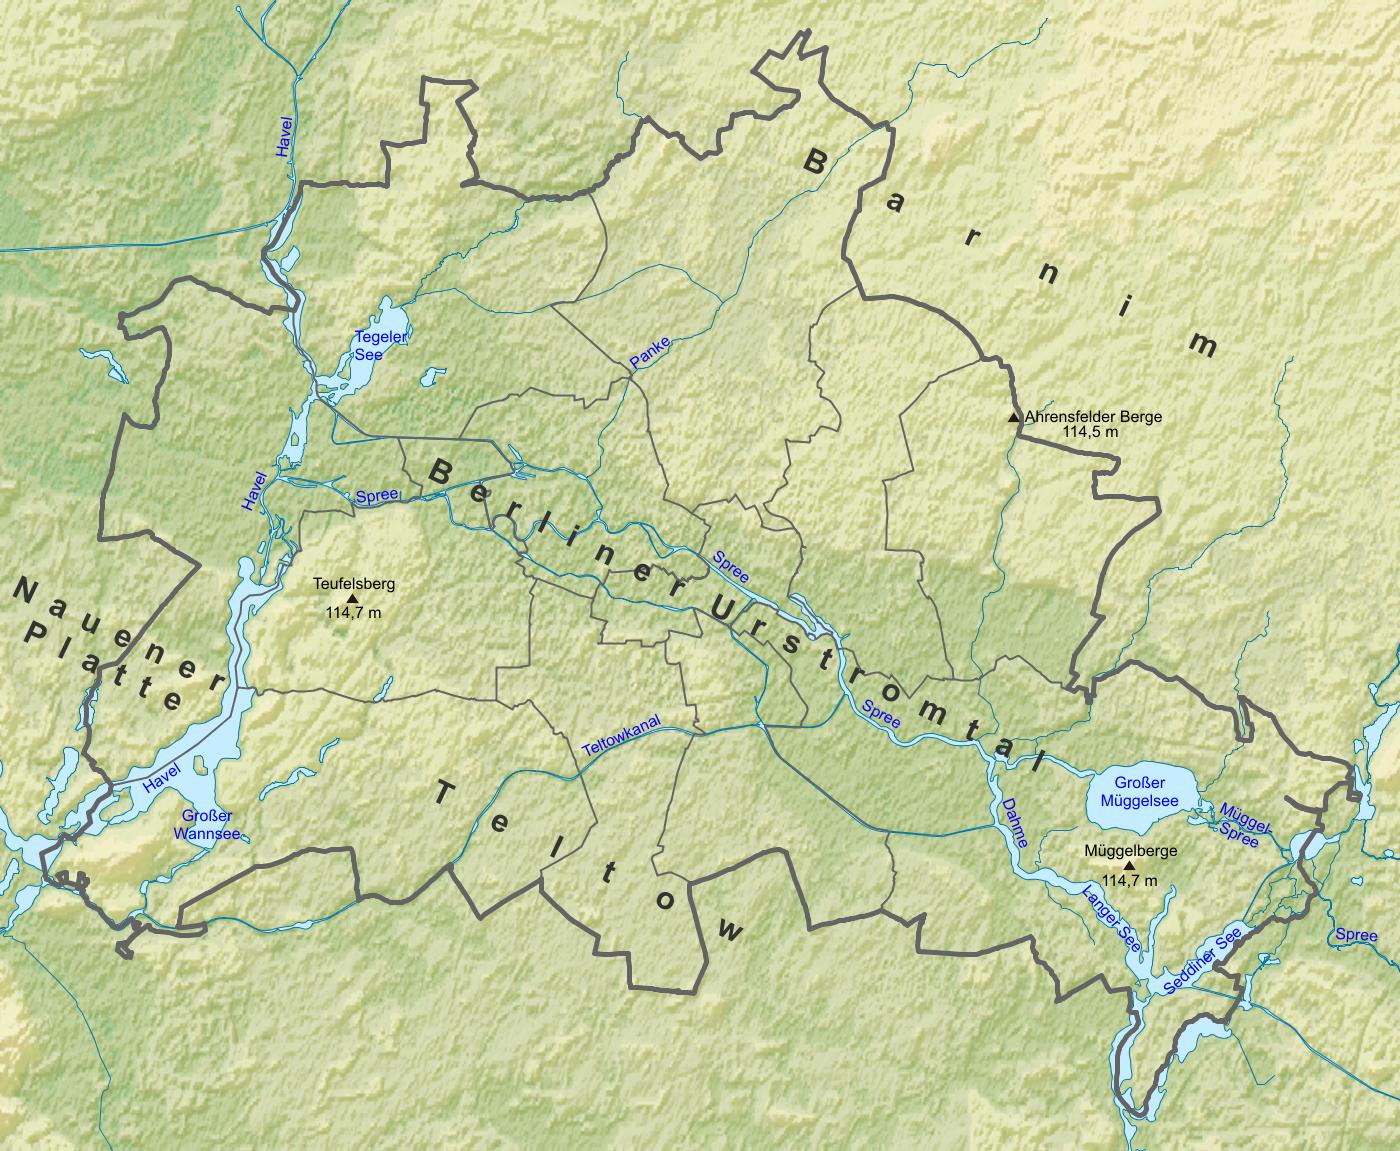 Mapa geográfico y político de Berlin